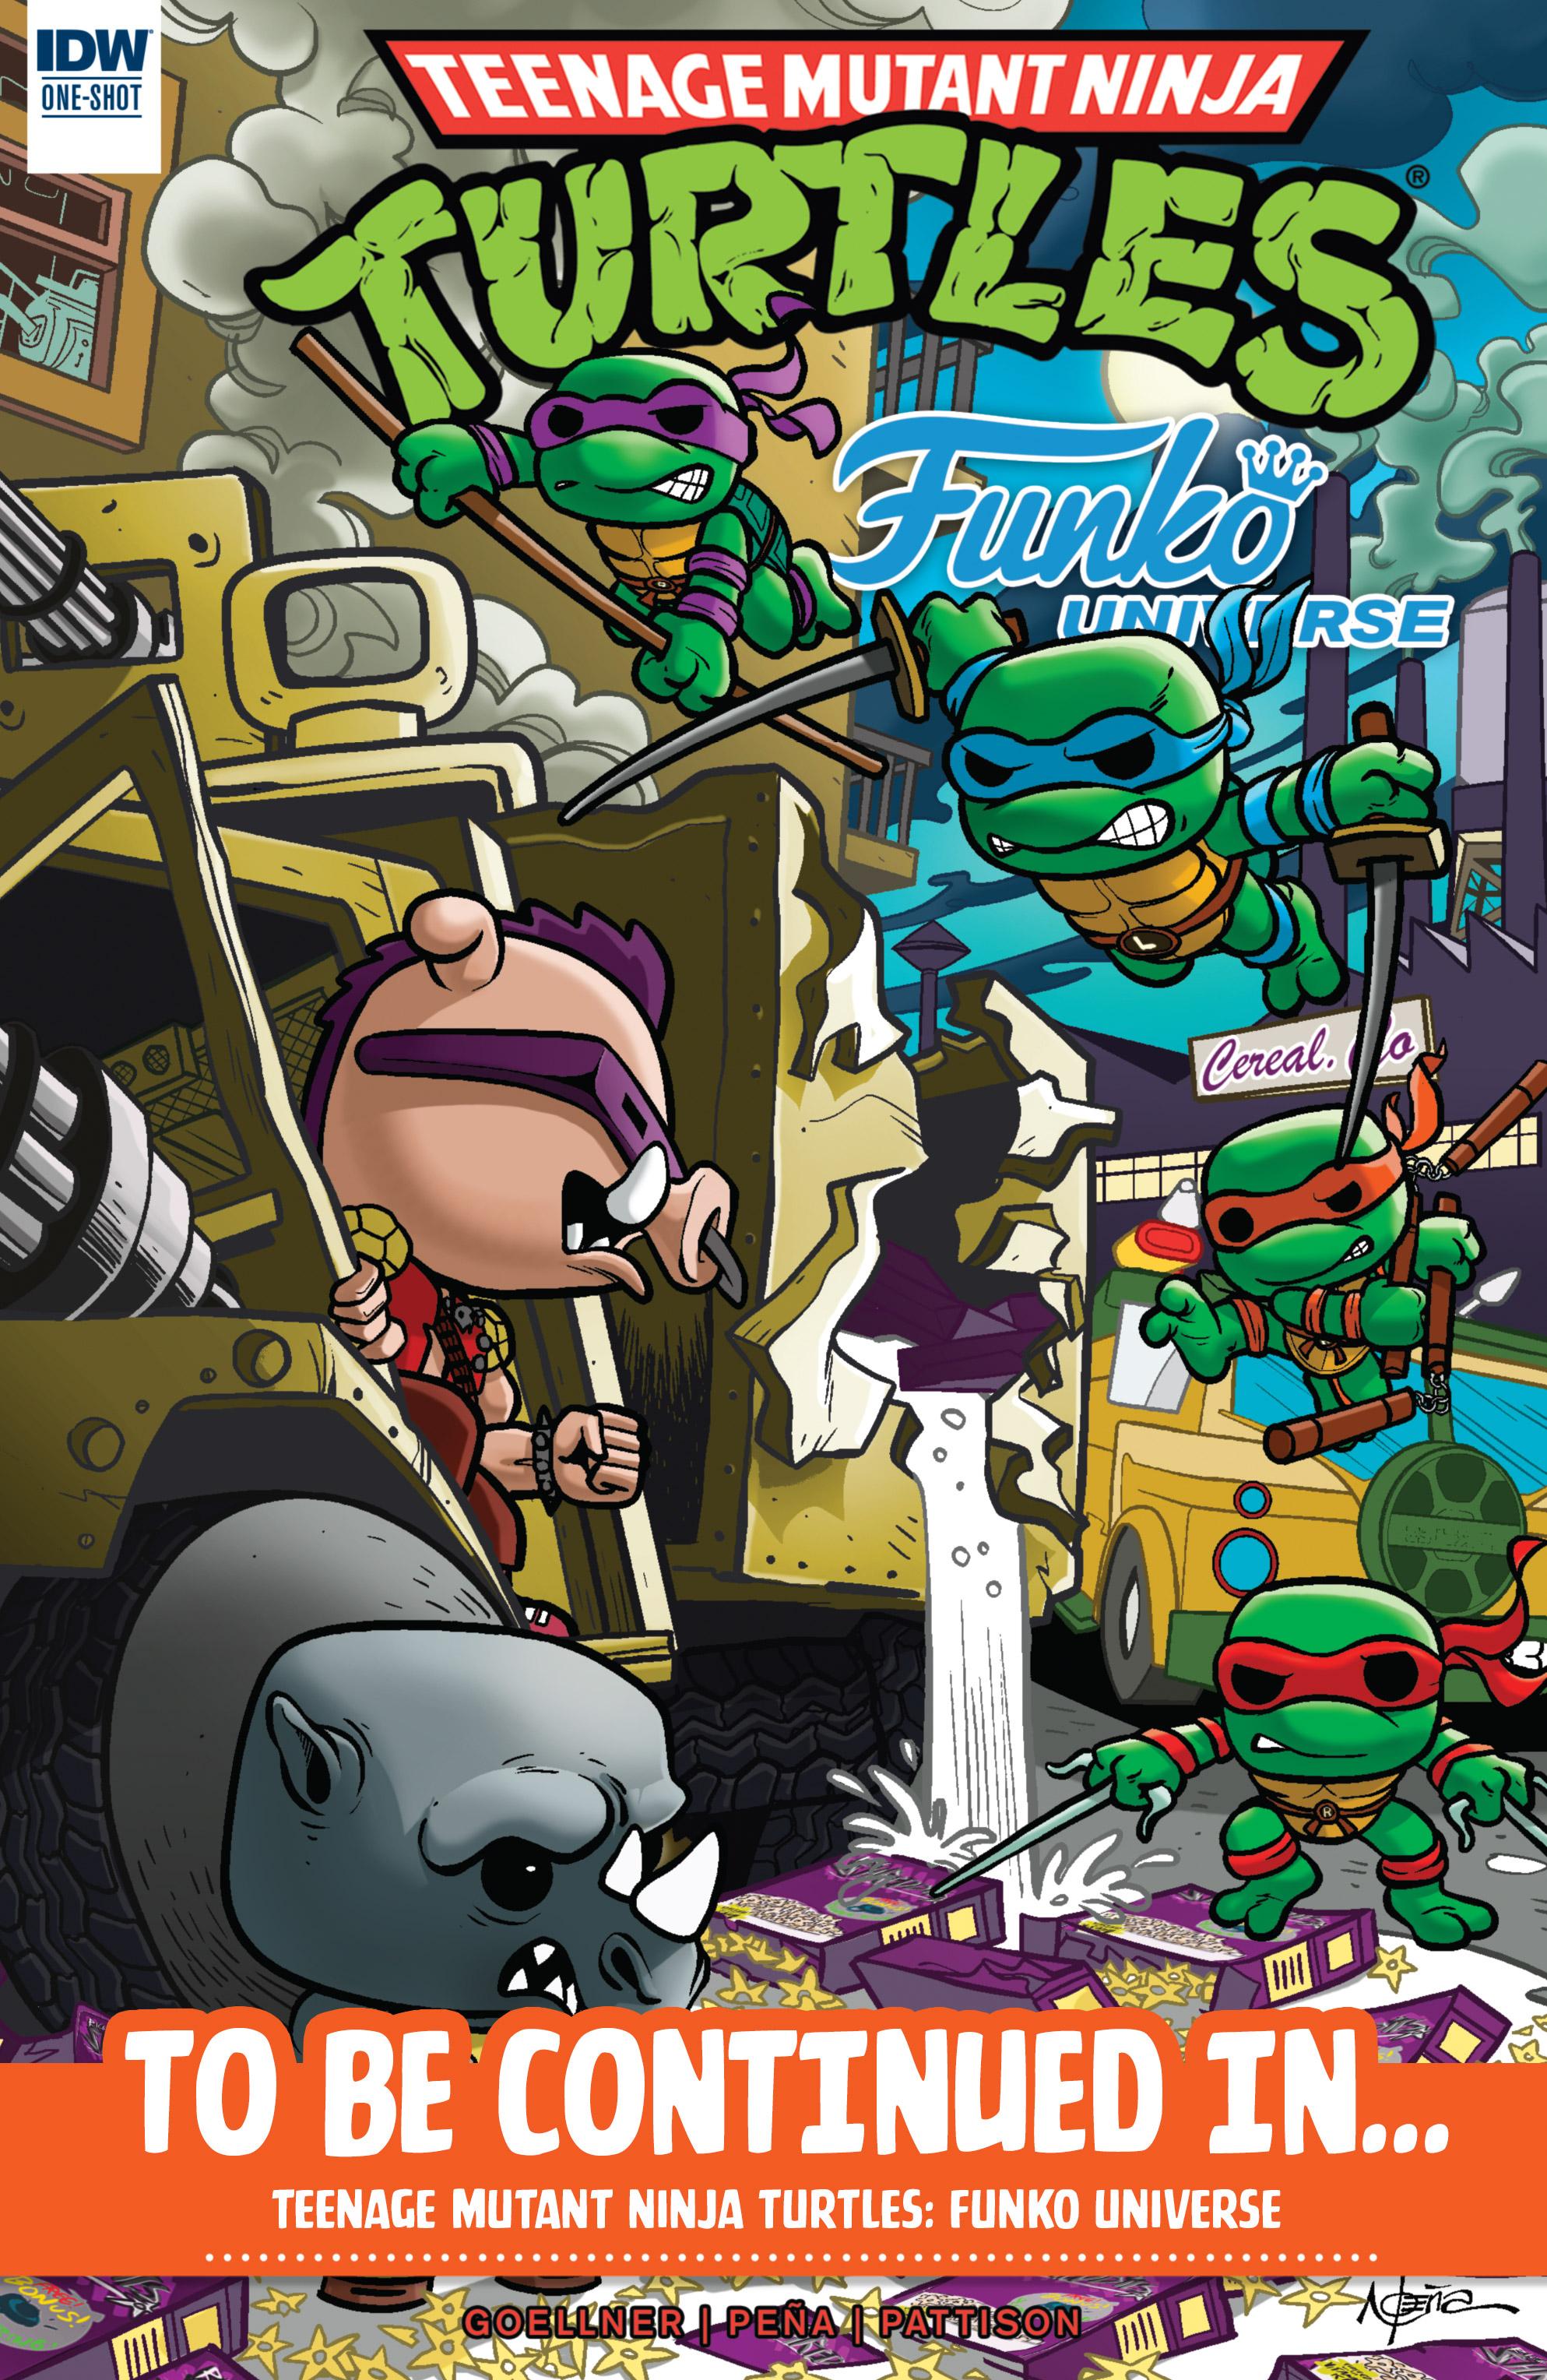 Read online Teenage Mutant Ninja Turtles Universe comic -  Issue #11 - 35